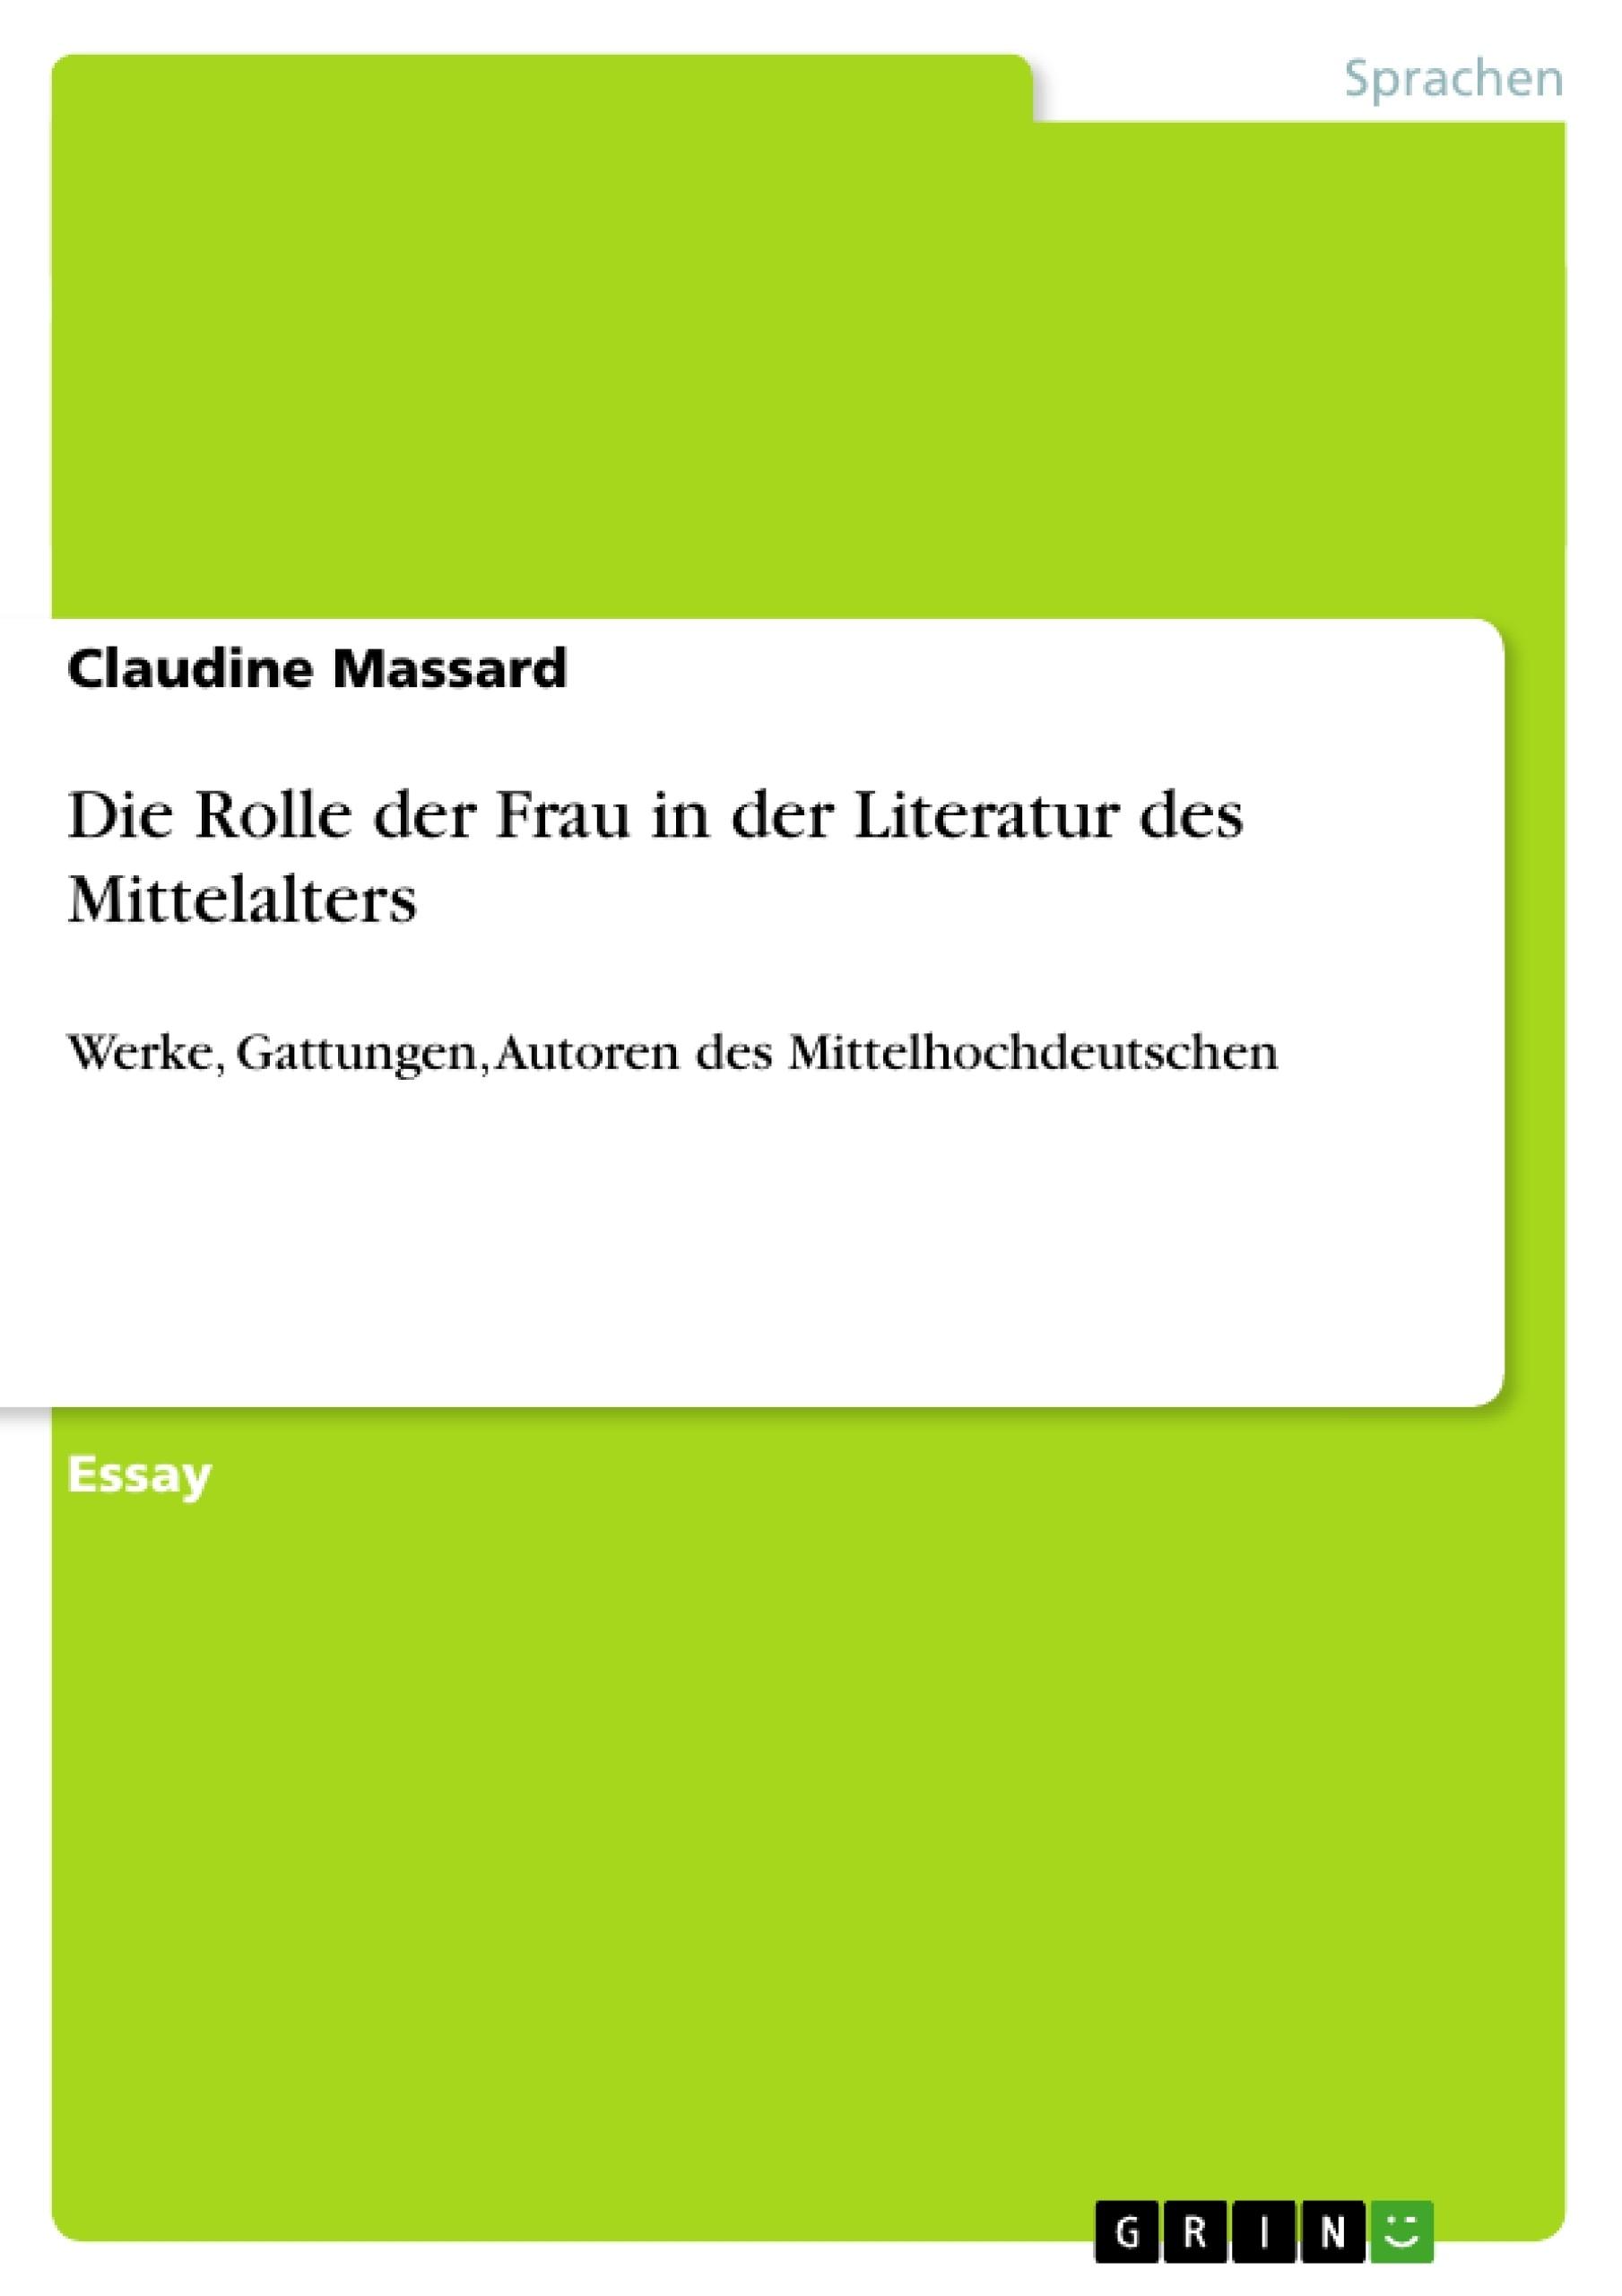 Titel: Die Rolle der Frau in der Literatur des Mittelalters